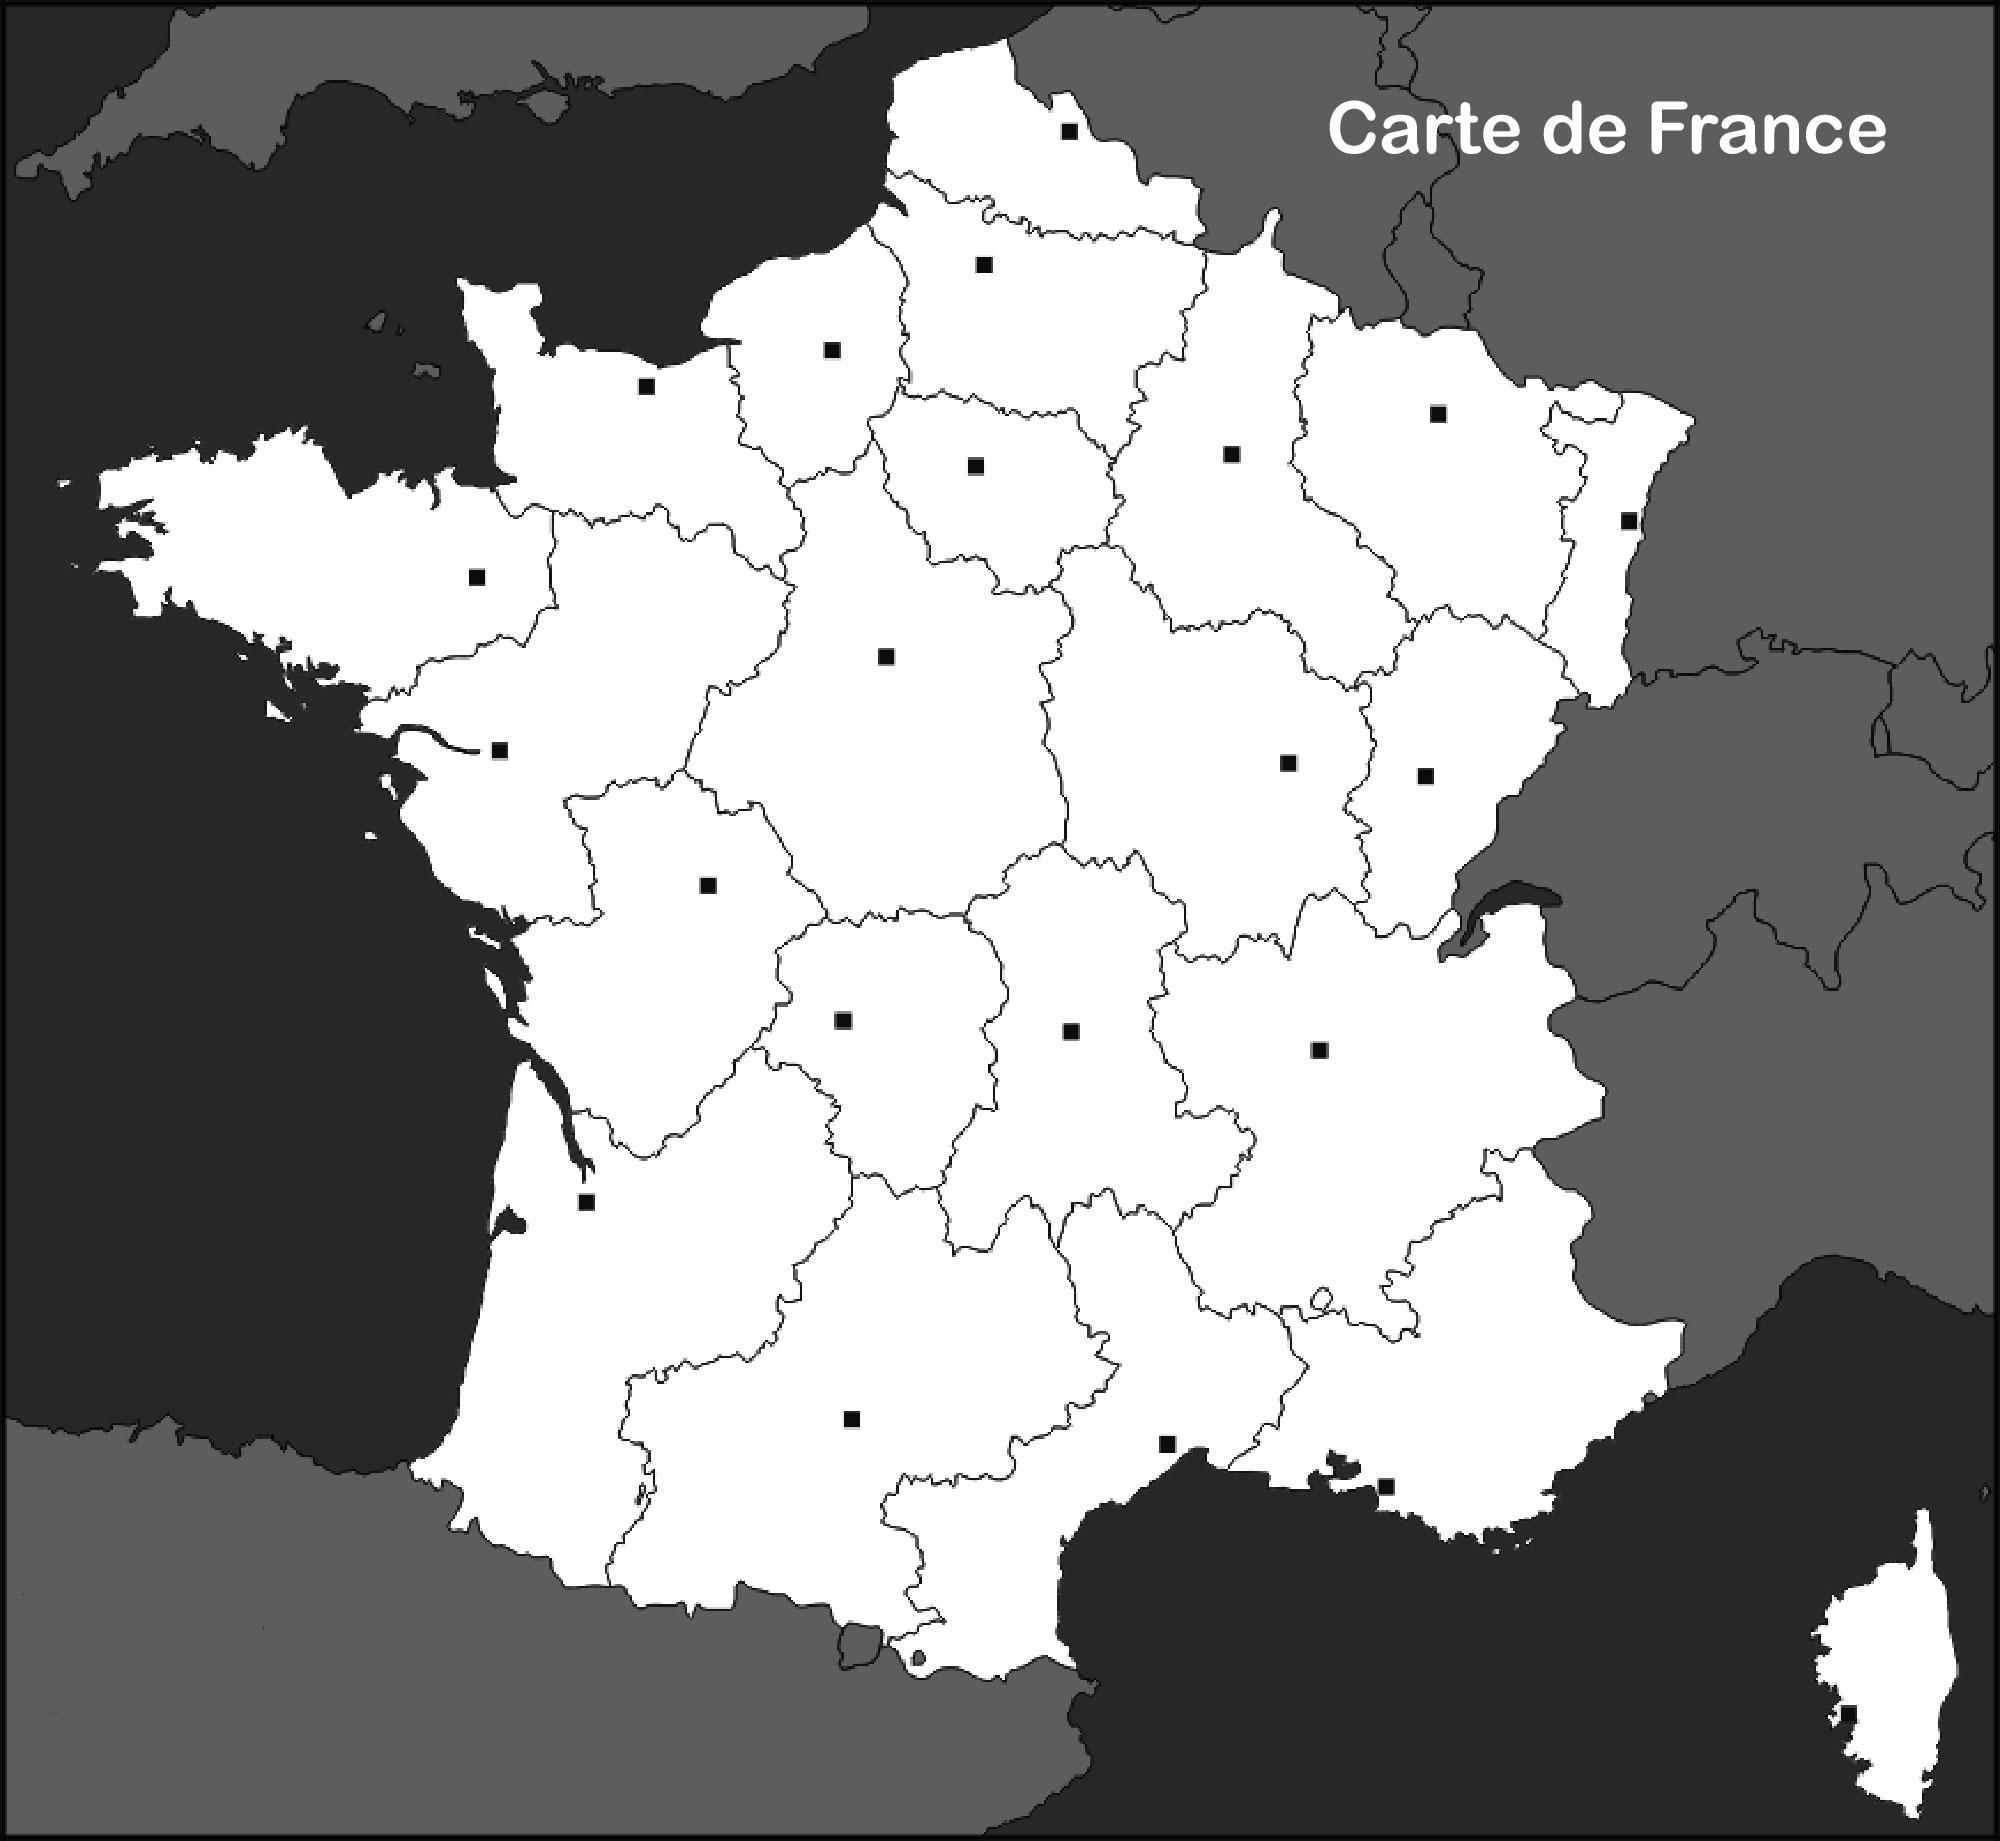 Carte De France Vierge - Voyages - Cartes destiné Carte Des Régions Vierge